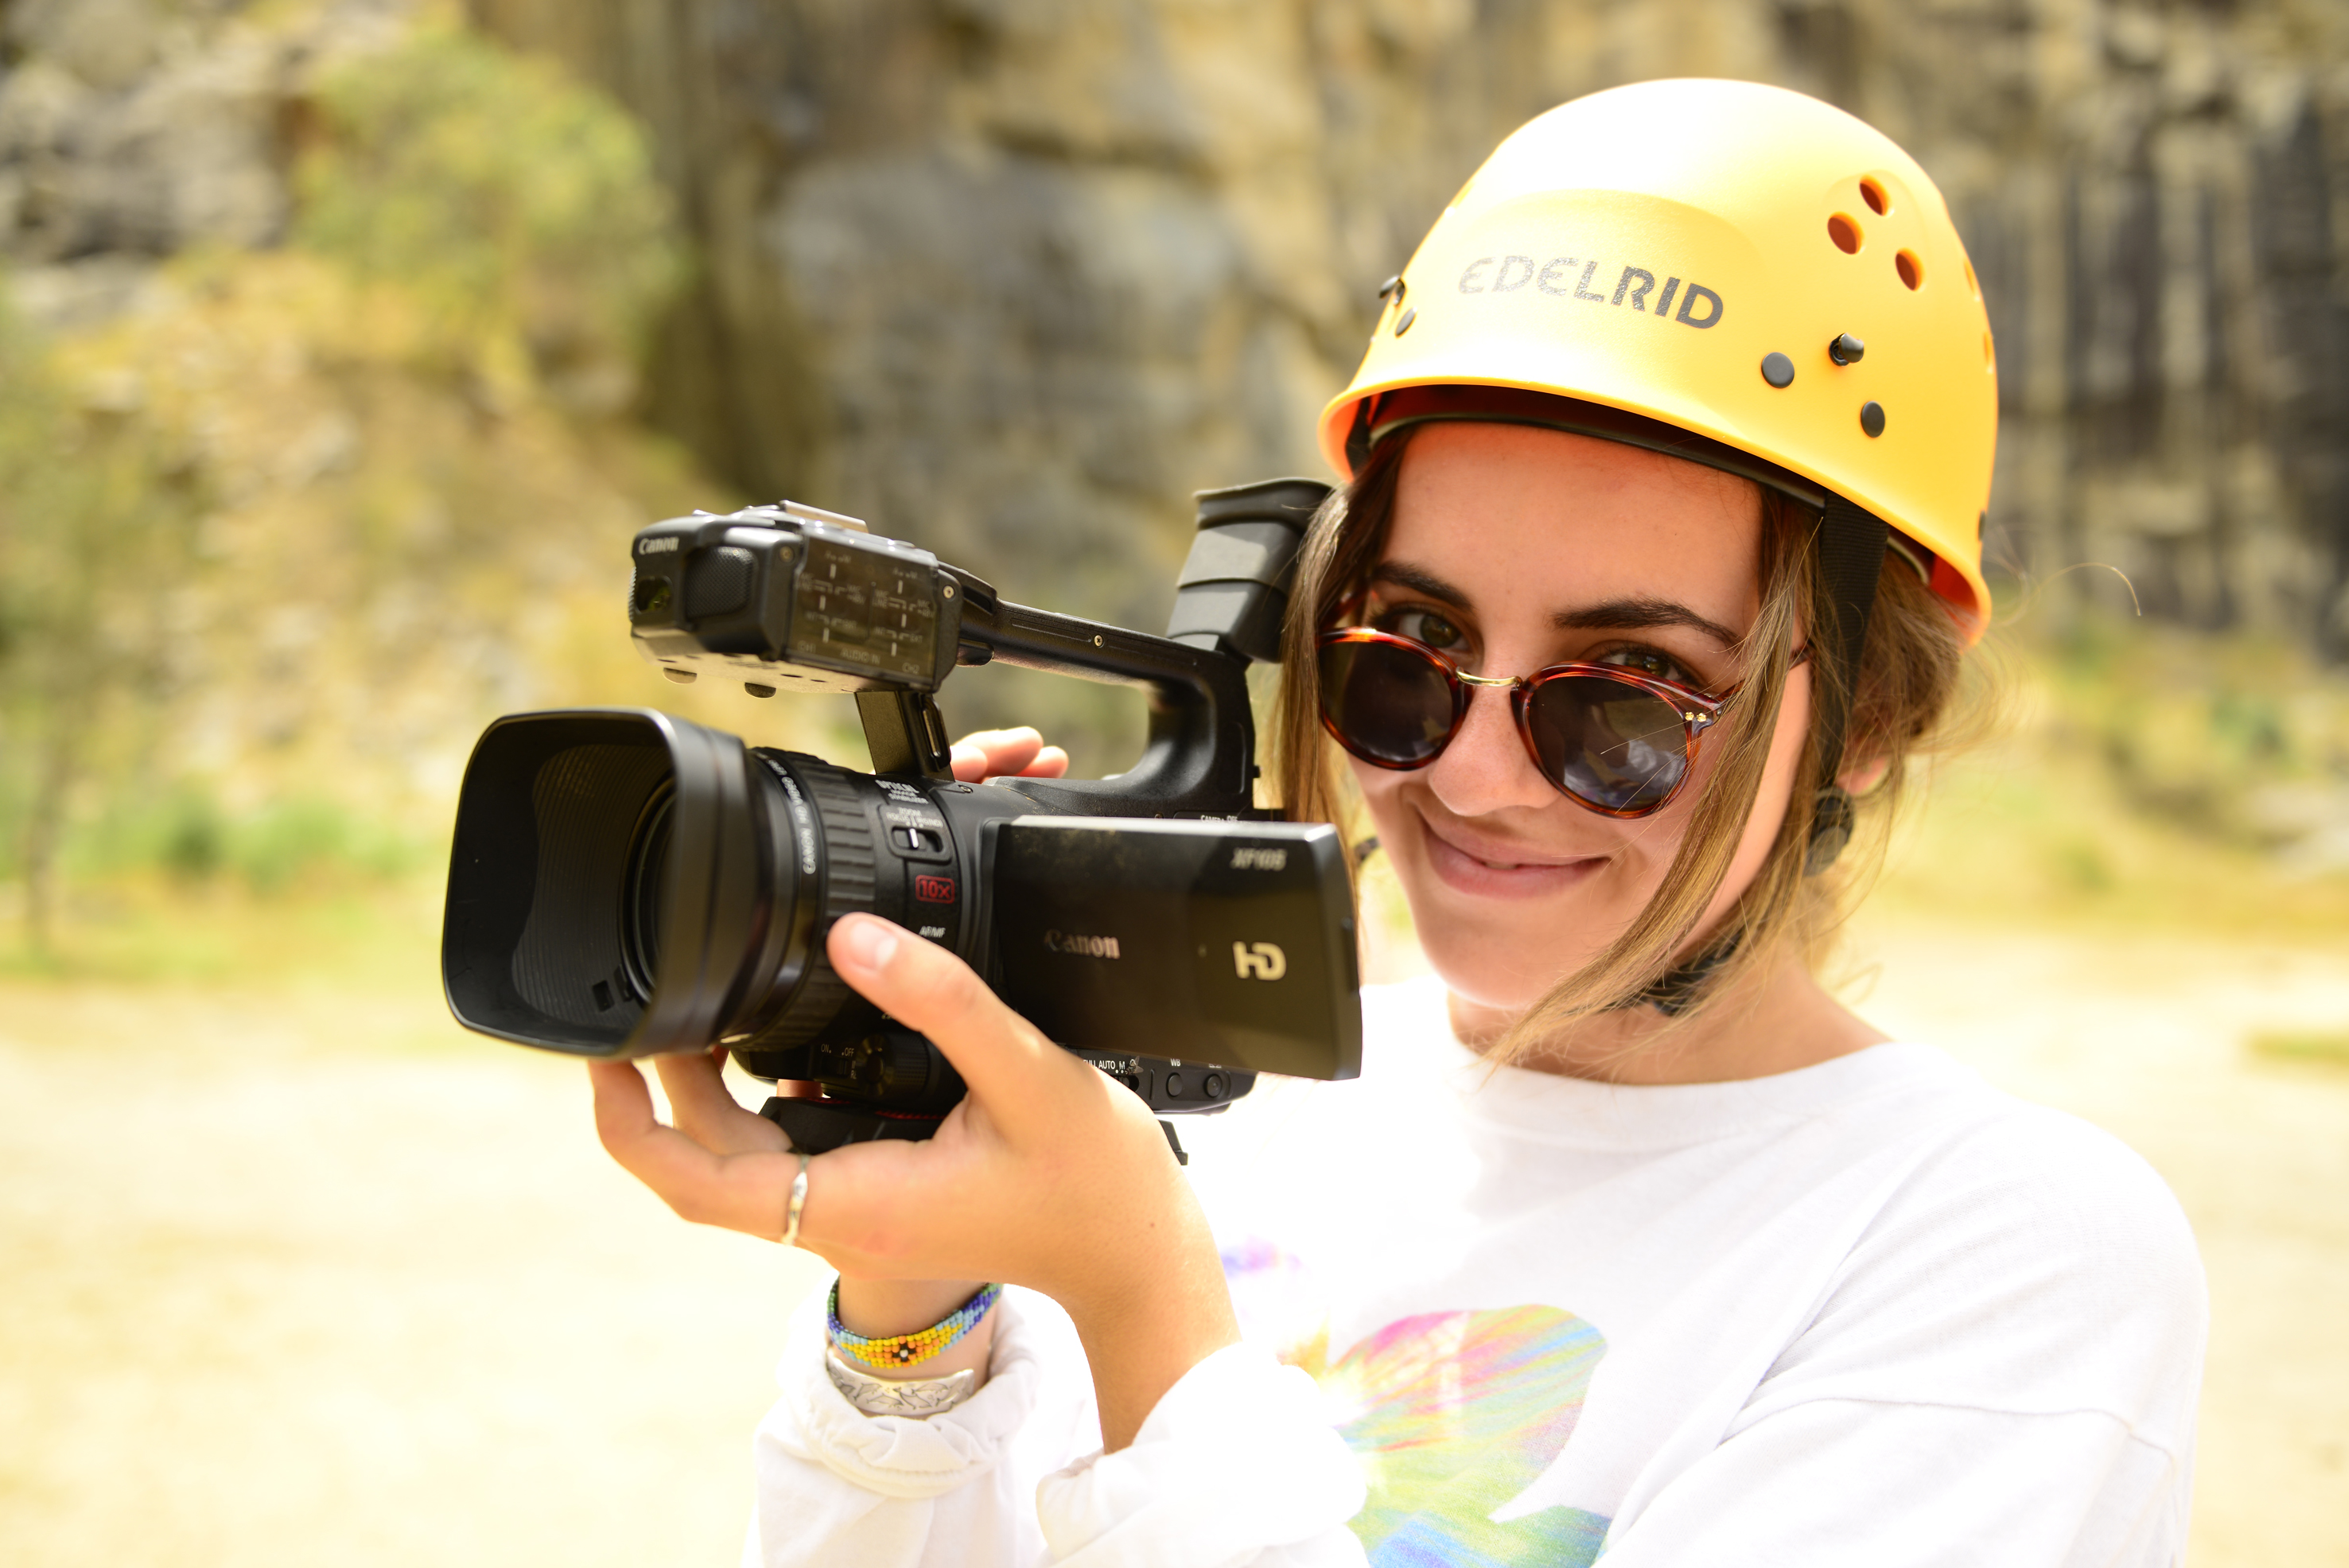 www.charliesfilms.com